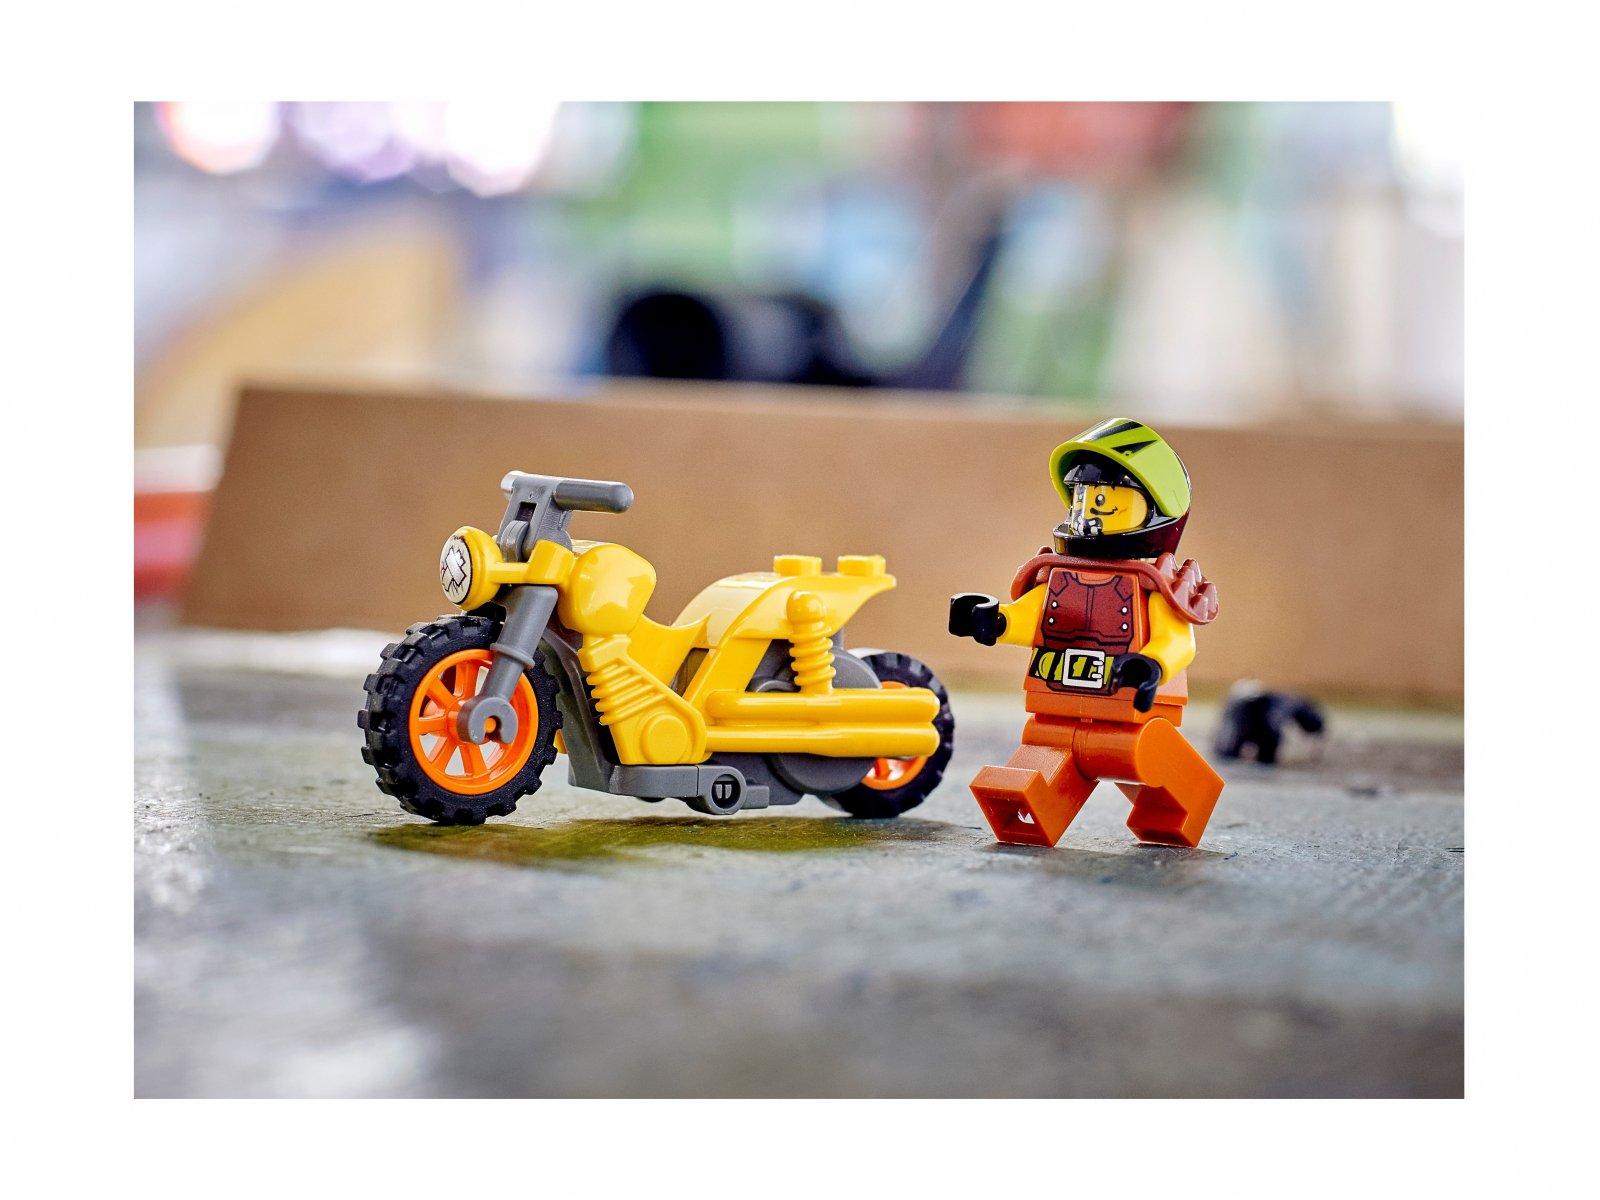 LEGO 60297 Demolka na motocyklu kaskaderskim